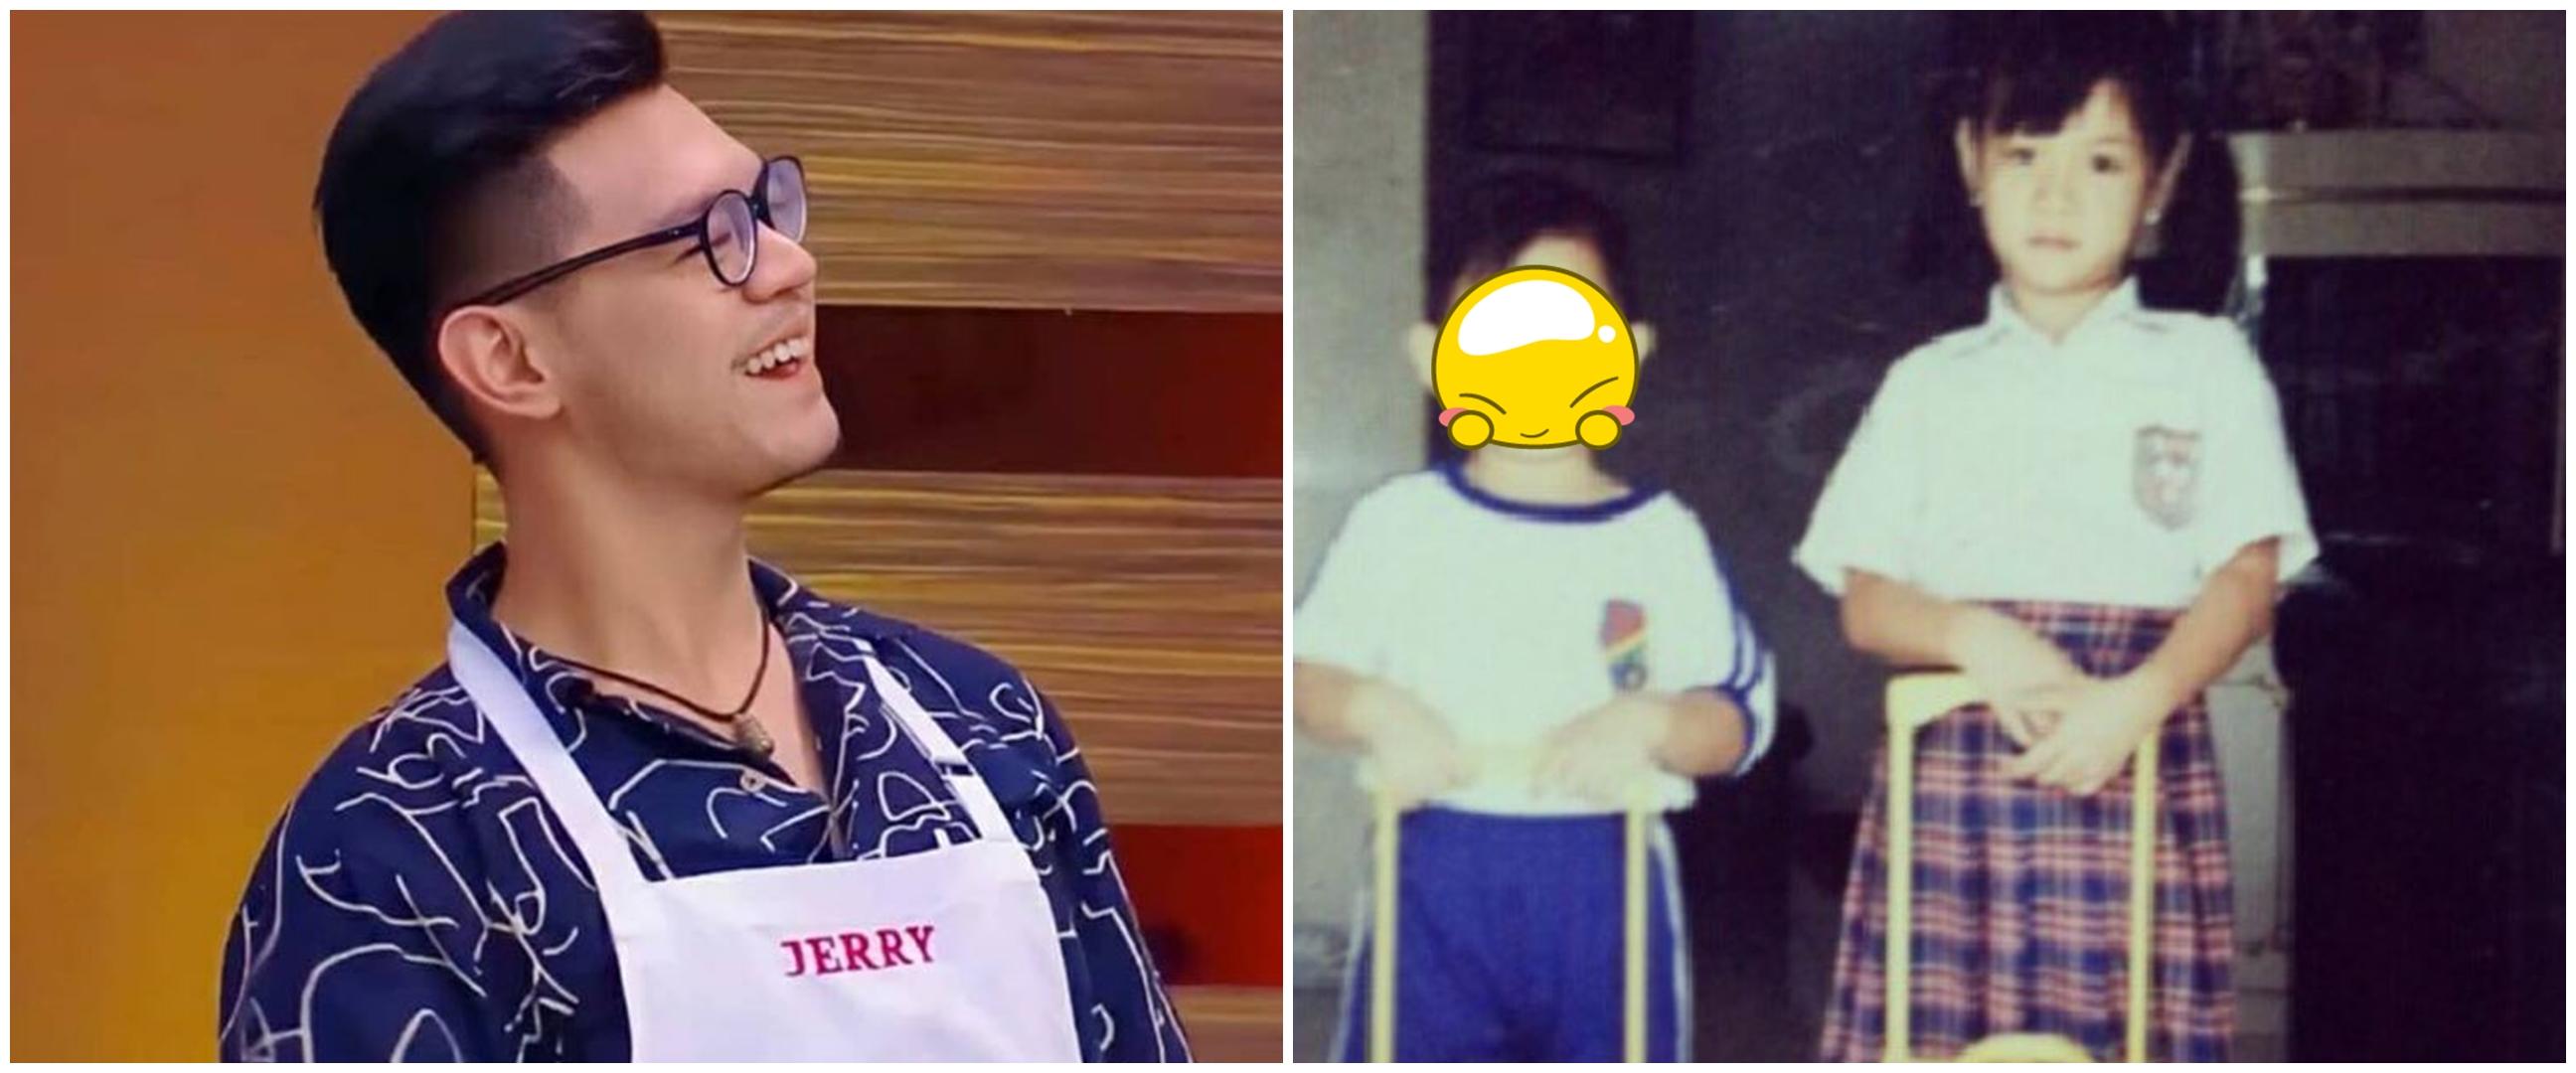 10 Potret transformasi Jerry MasterChef, kecilnya imut abis